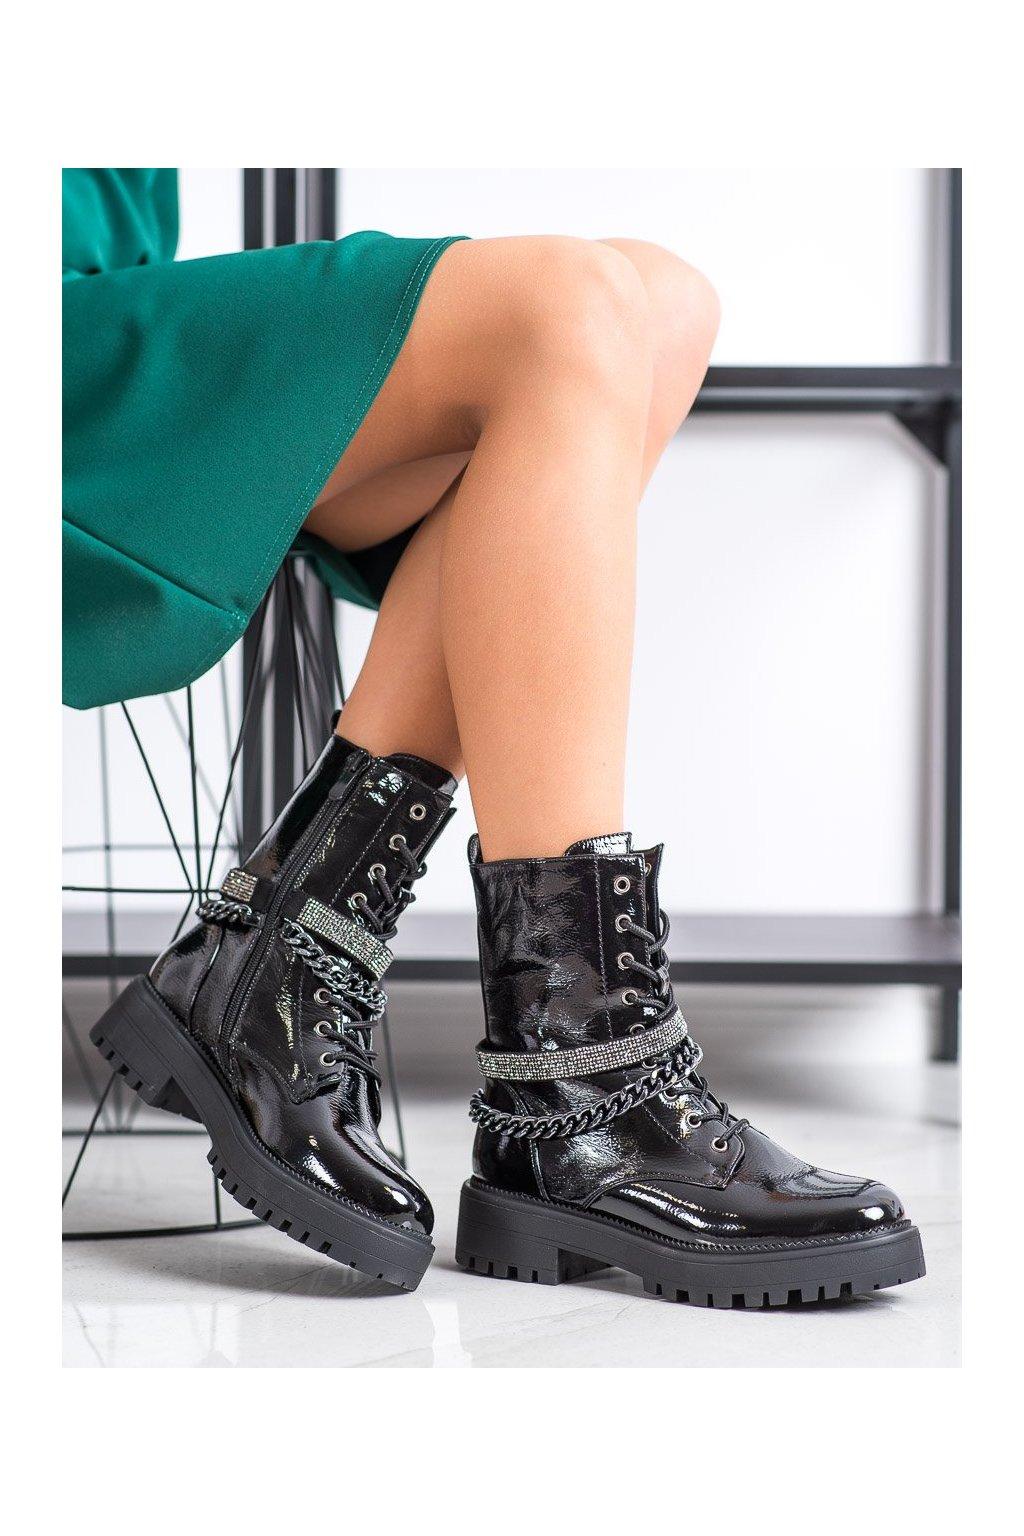 Čierne dámske topánky Seastar kod NS181B